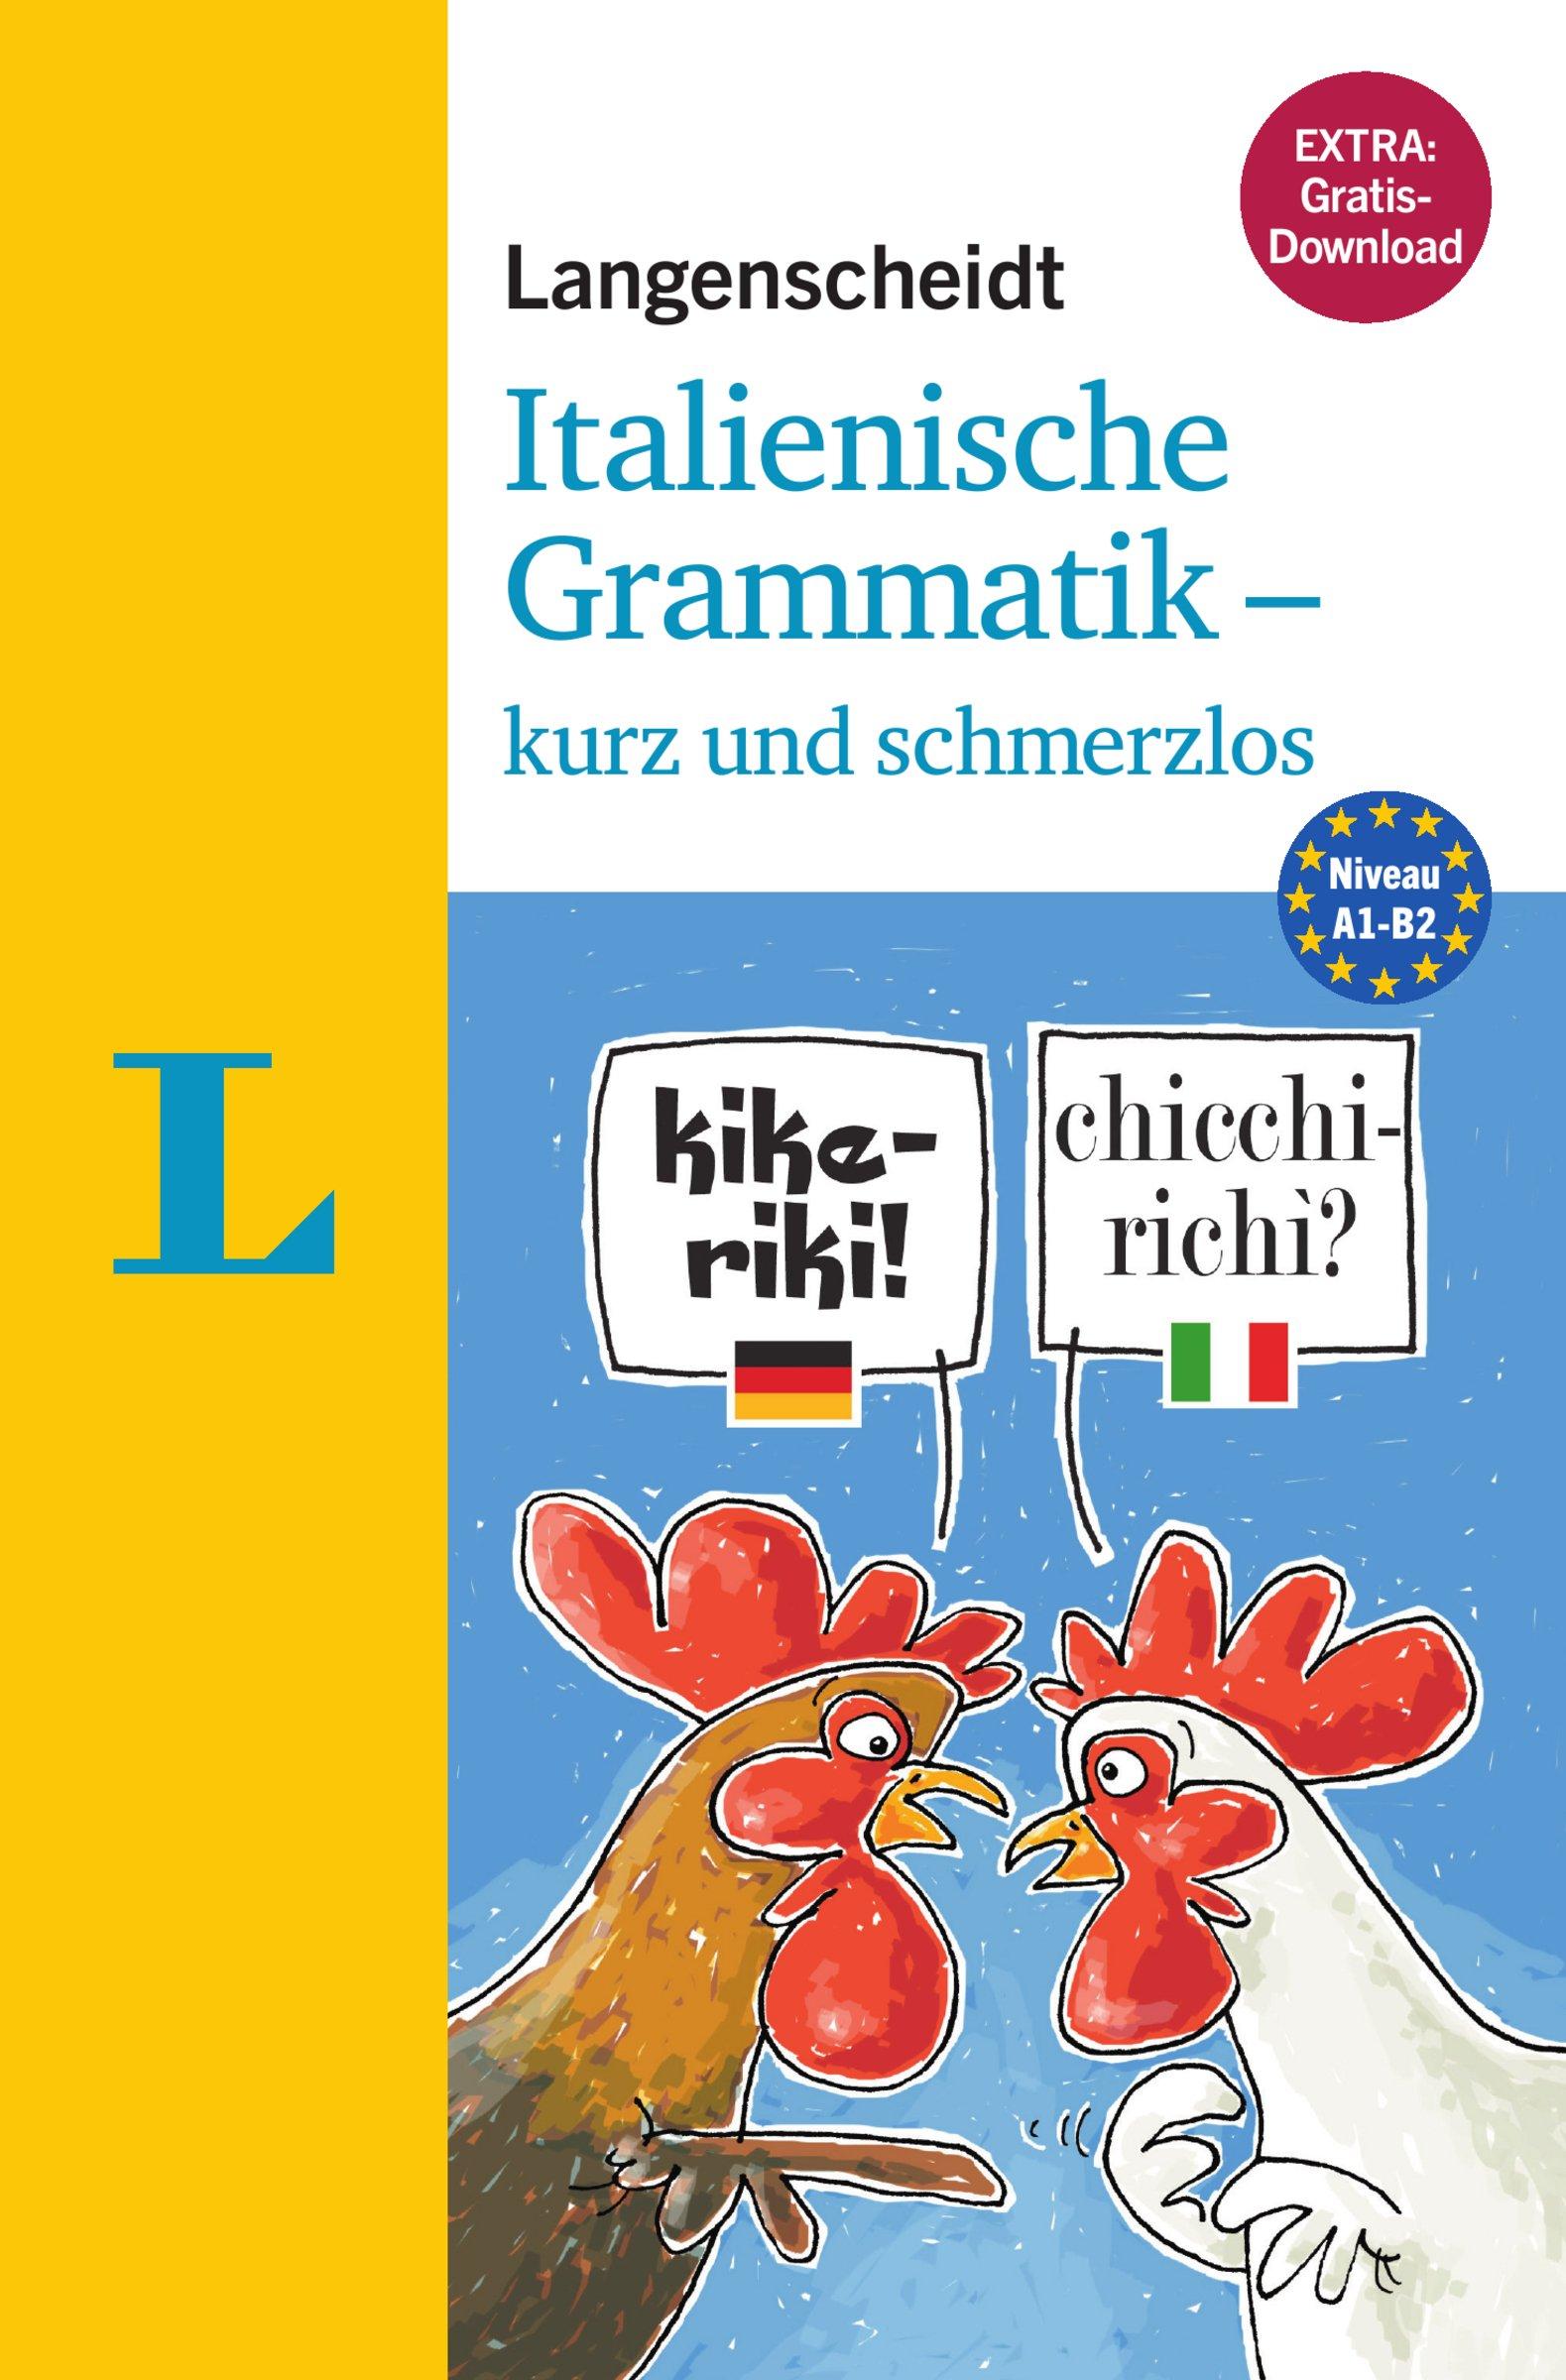 Langenscheidt Italienische Grammatik - kurz und schmerzlos - Buch mit Übungen zum Download (Langenscheidt Grammatik - kurz und schmerzlos)